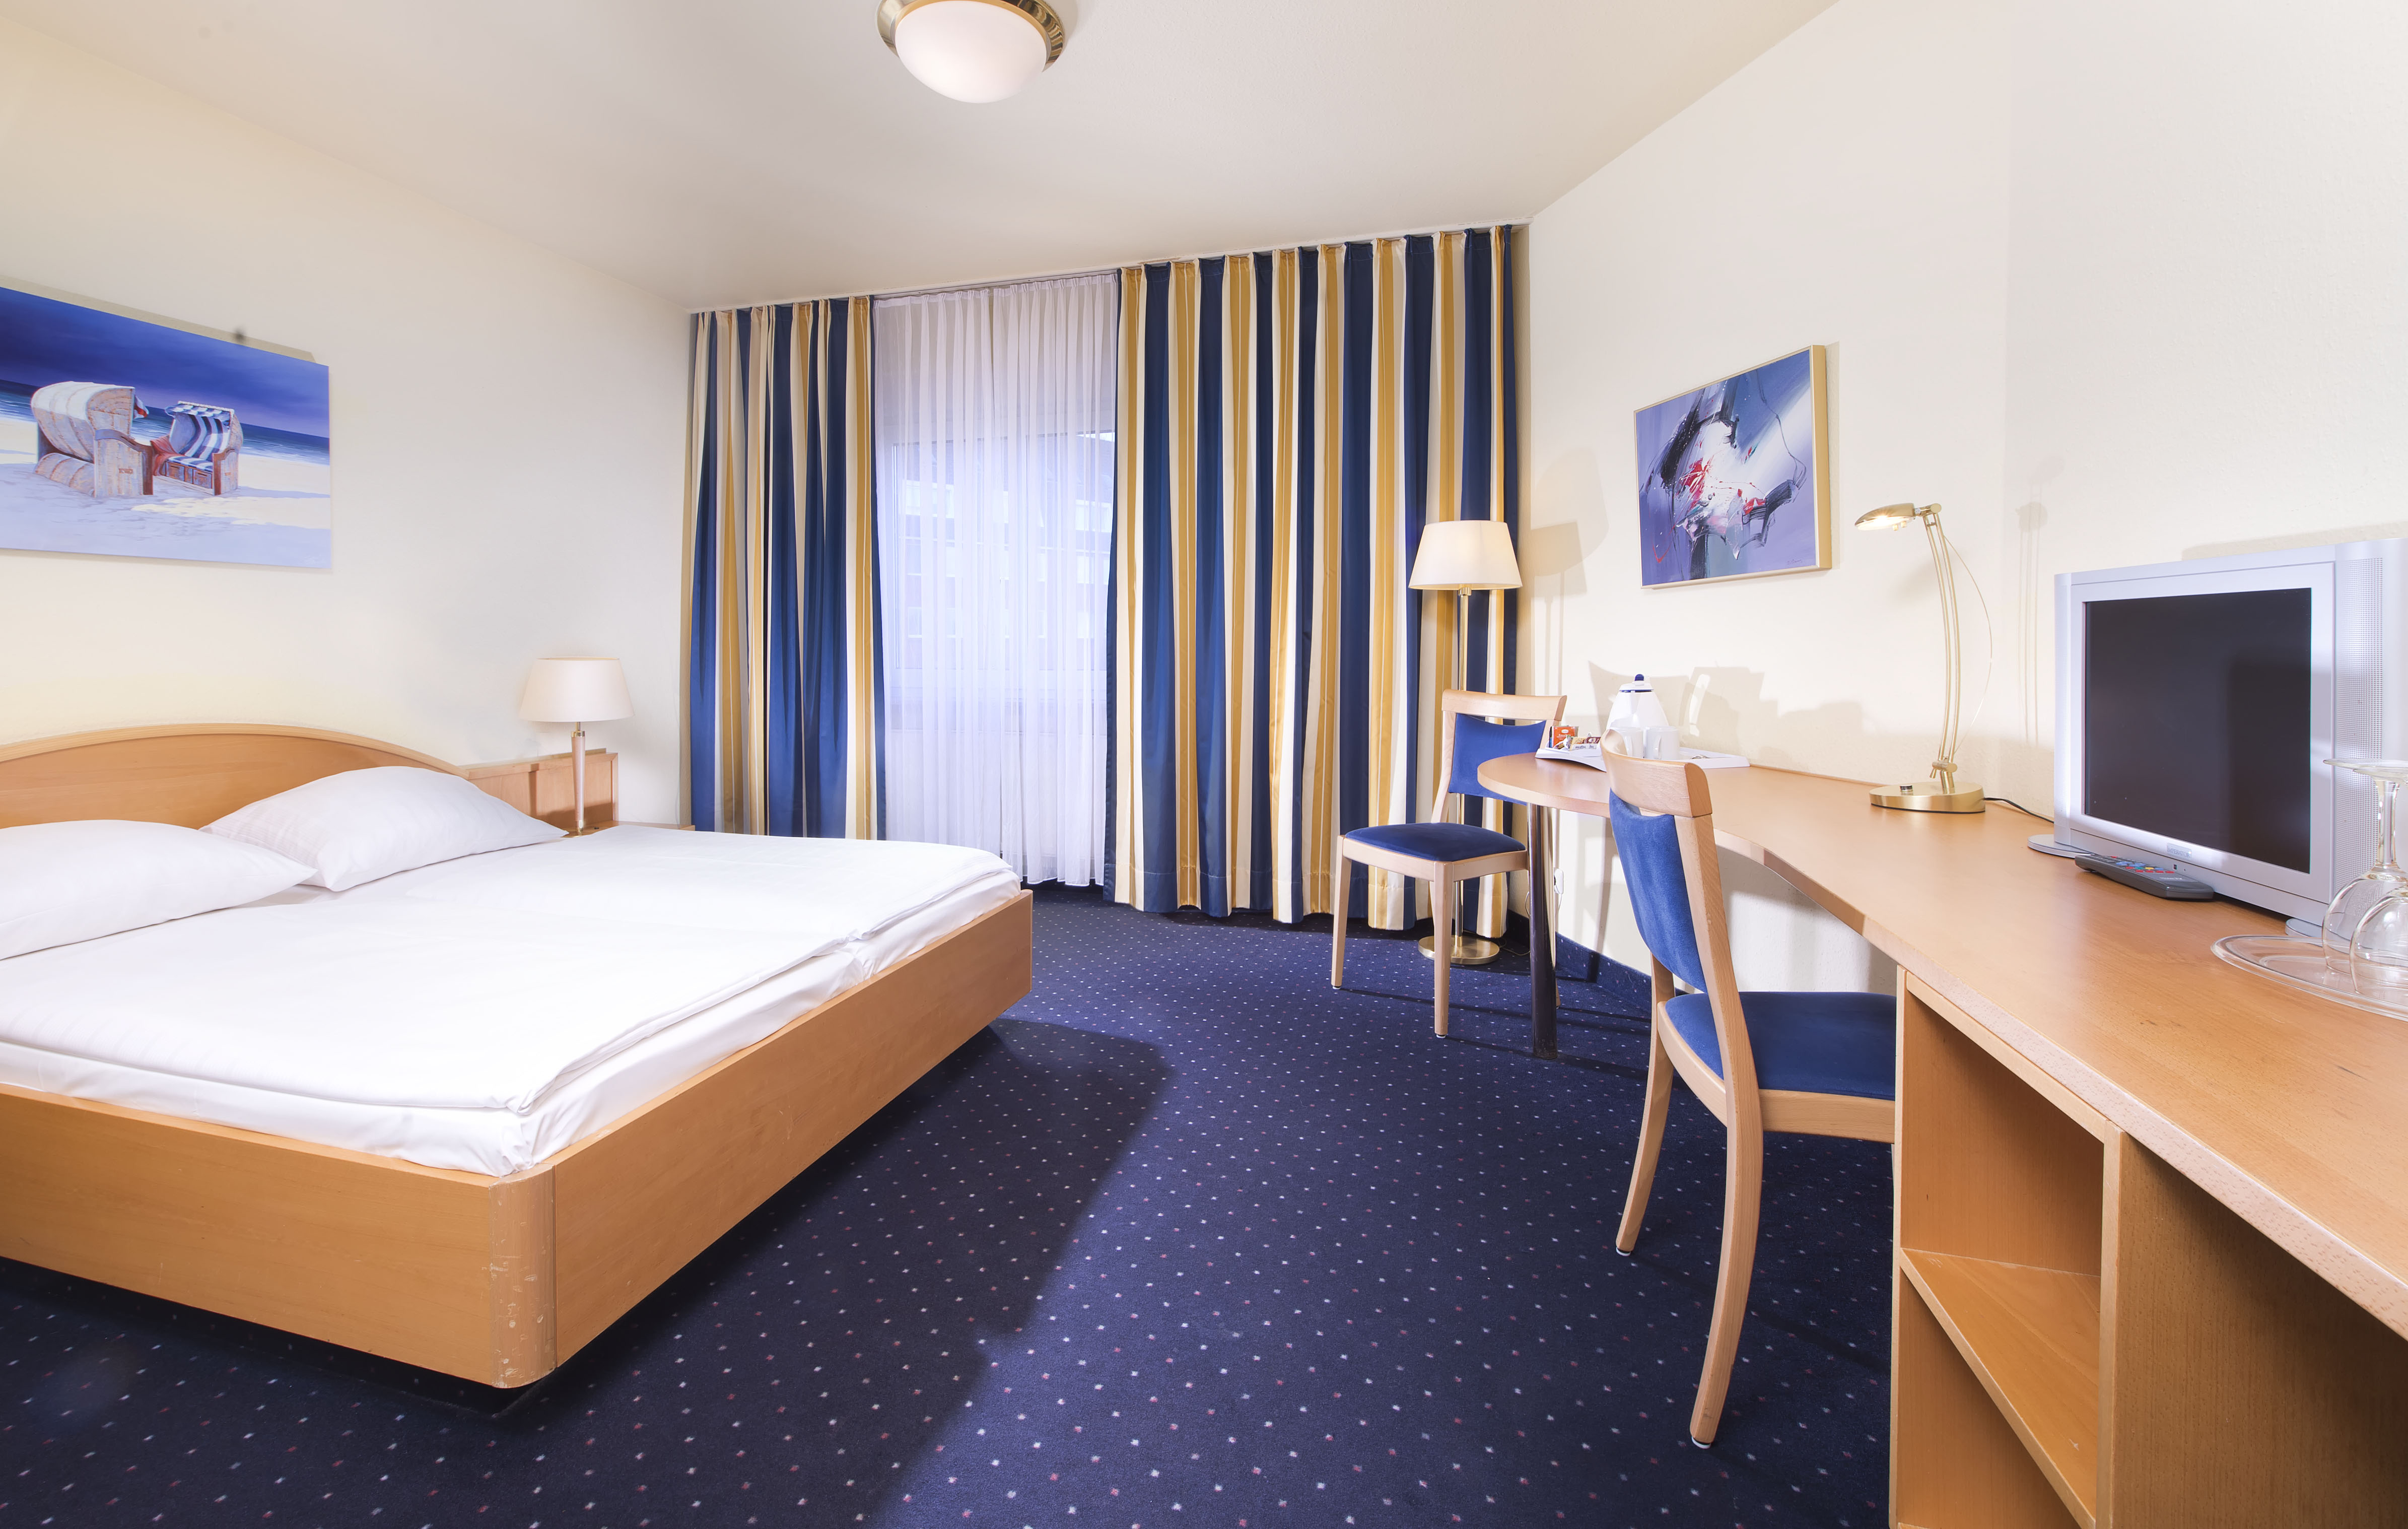 Outdoor Küchen Lübeck : Hotel lübeck lage nahe altstadt tryp by wyndham lübeck aquamarin